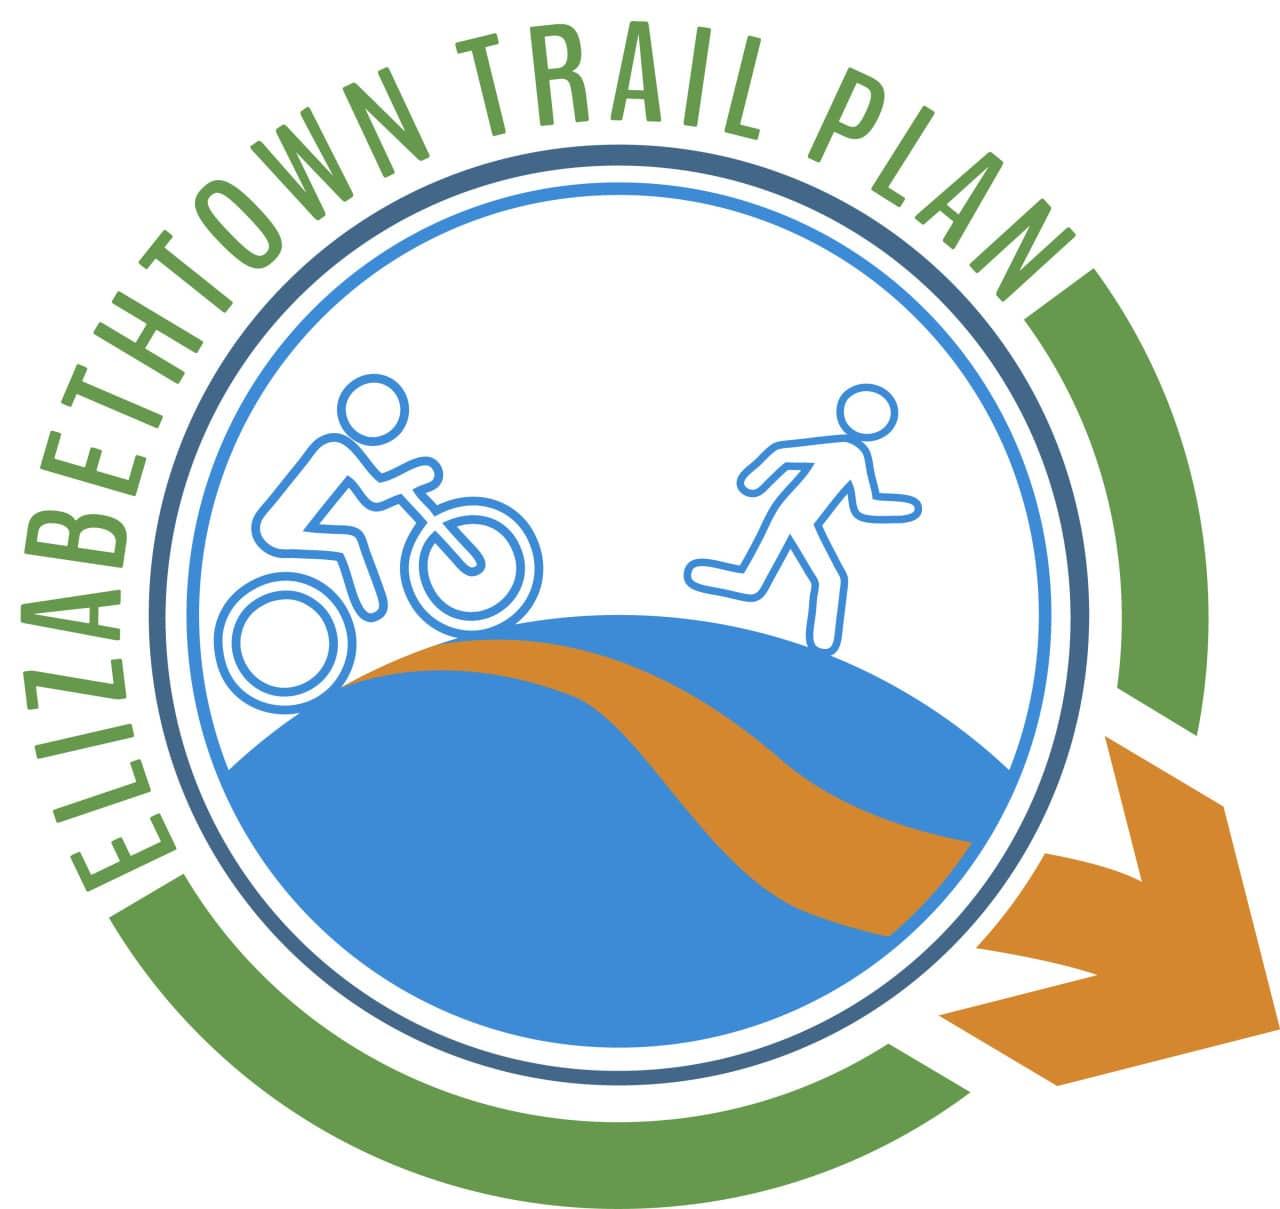 Elizabethtown Trail Plan.